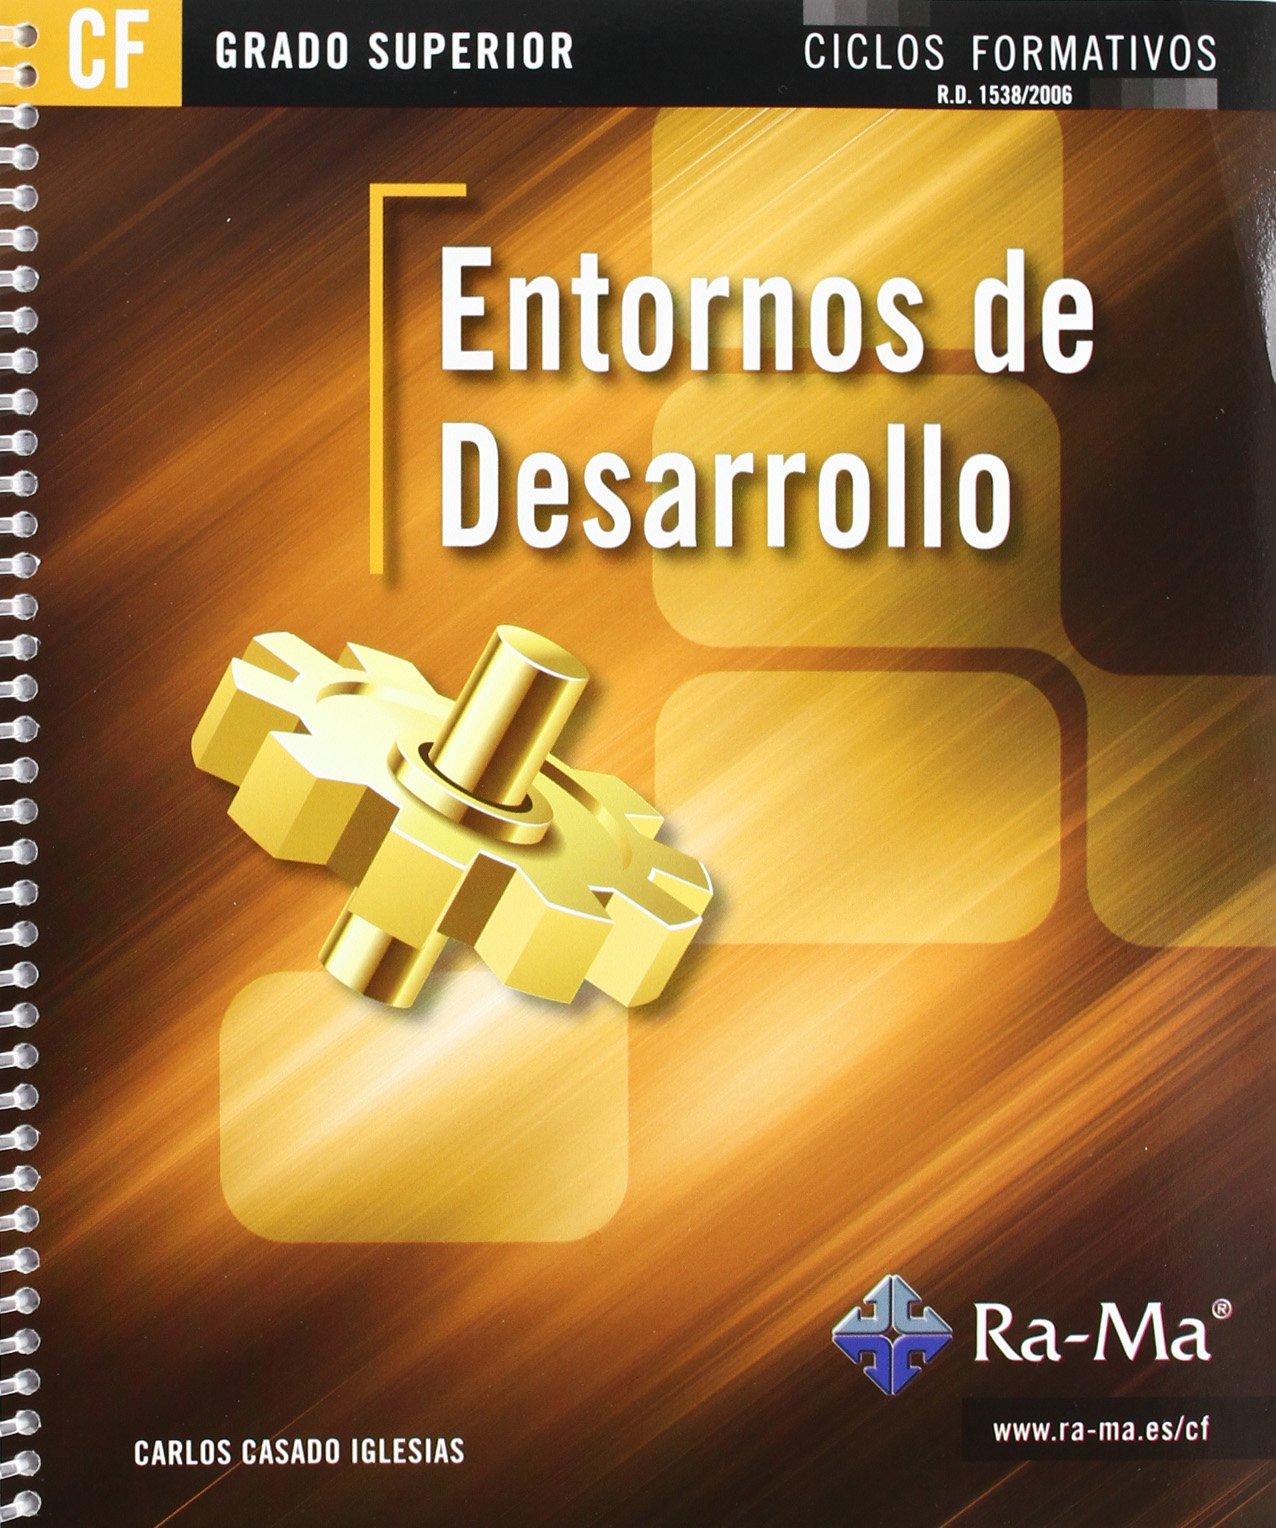 Entornos de Desarrollo (GRADO SUPERIOR) Tapa blanda – 30 may 2012 Carlos Casado Iglesias 8499641695 YQ 1020050